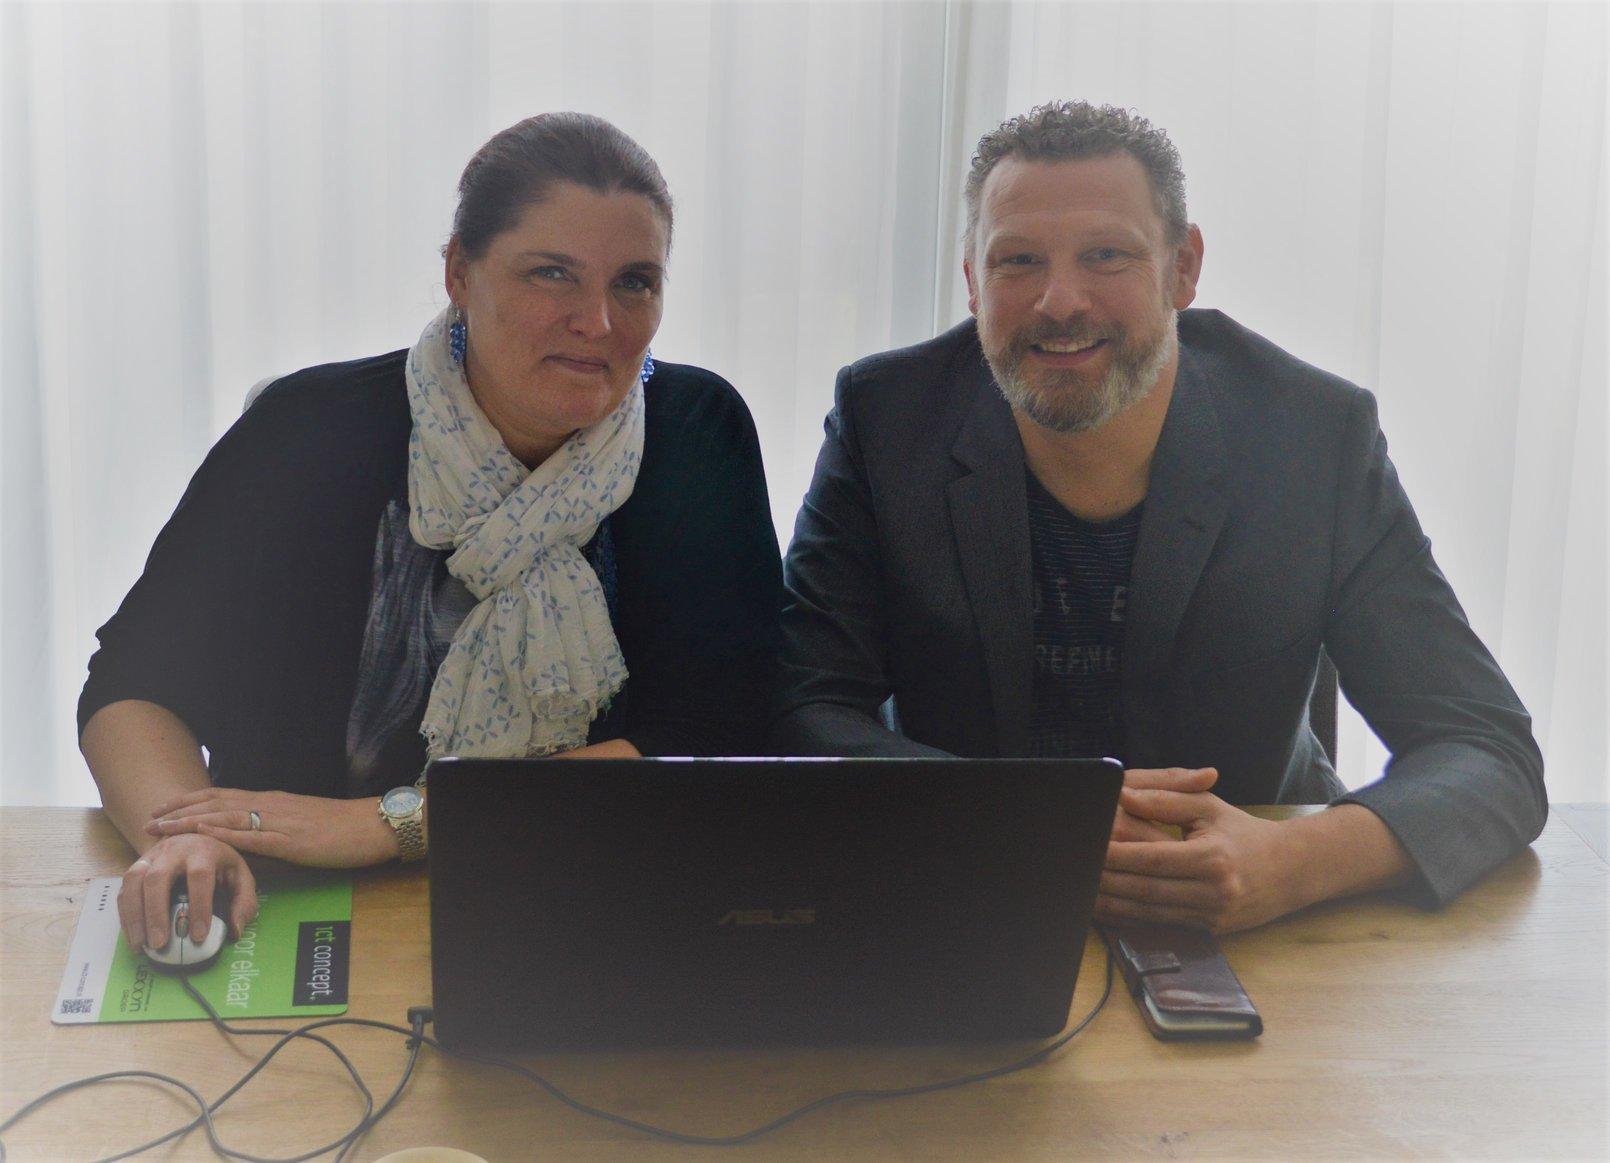 Paul en Natasja van Rosmalen, InXpress